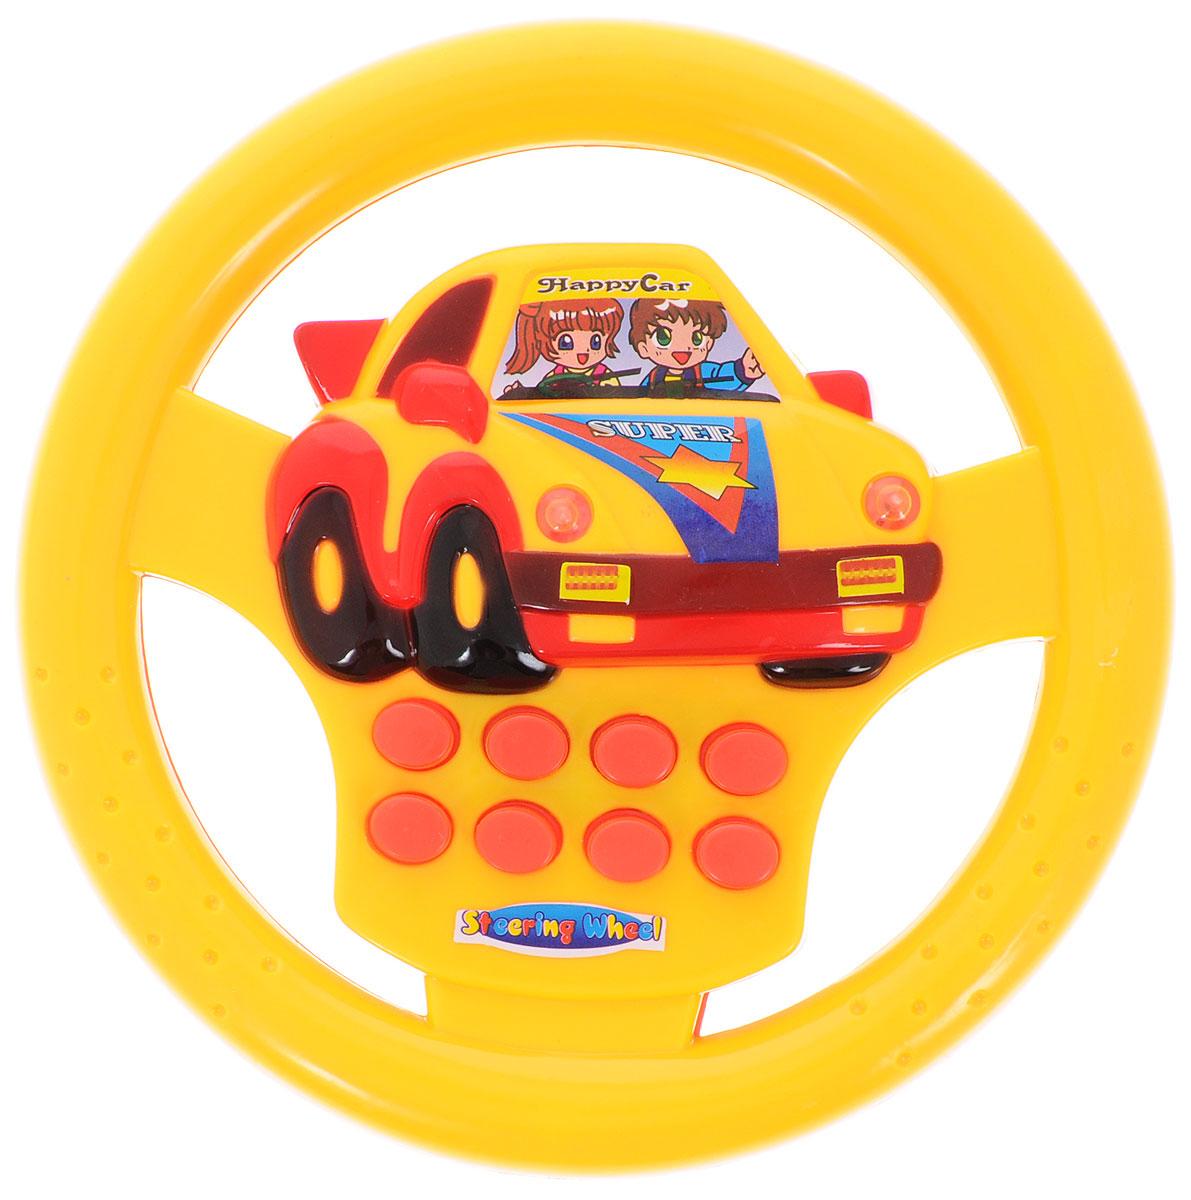 """Развивающая игрушка """"Руль"""" со световыми и звуковыми эффектами надолго займет внимание вашего ребенка. Она выполнена из безопасного пластика в виде руля автомобиля и оснащена световыми и звуковыми эффектами. На руле расположены 8 кнопок, которые активирует различные световые и звуковые эффекты, такие как клаксон, шум мотора и т.д.. Развивающая игрушка способствует развитию цветового и звукового восприятия, внимания, воображения, сообразительности, памяти, координации движений и мелкой моторики рук. Для работы требуются 2 батарейки типа АА (не входят в комплект)."""